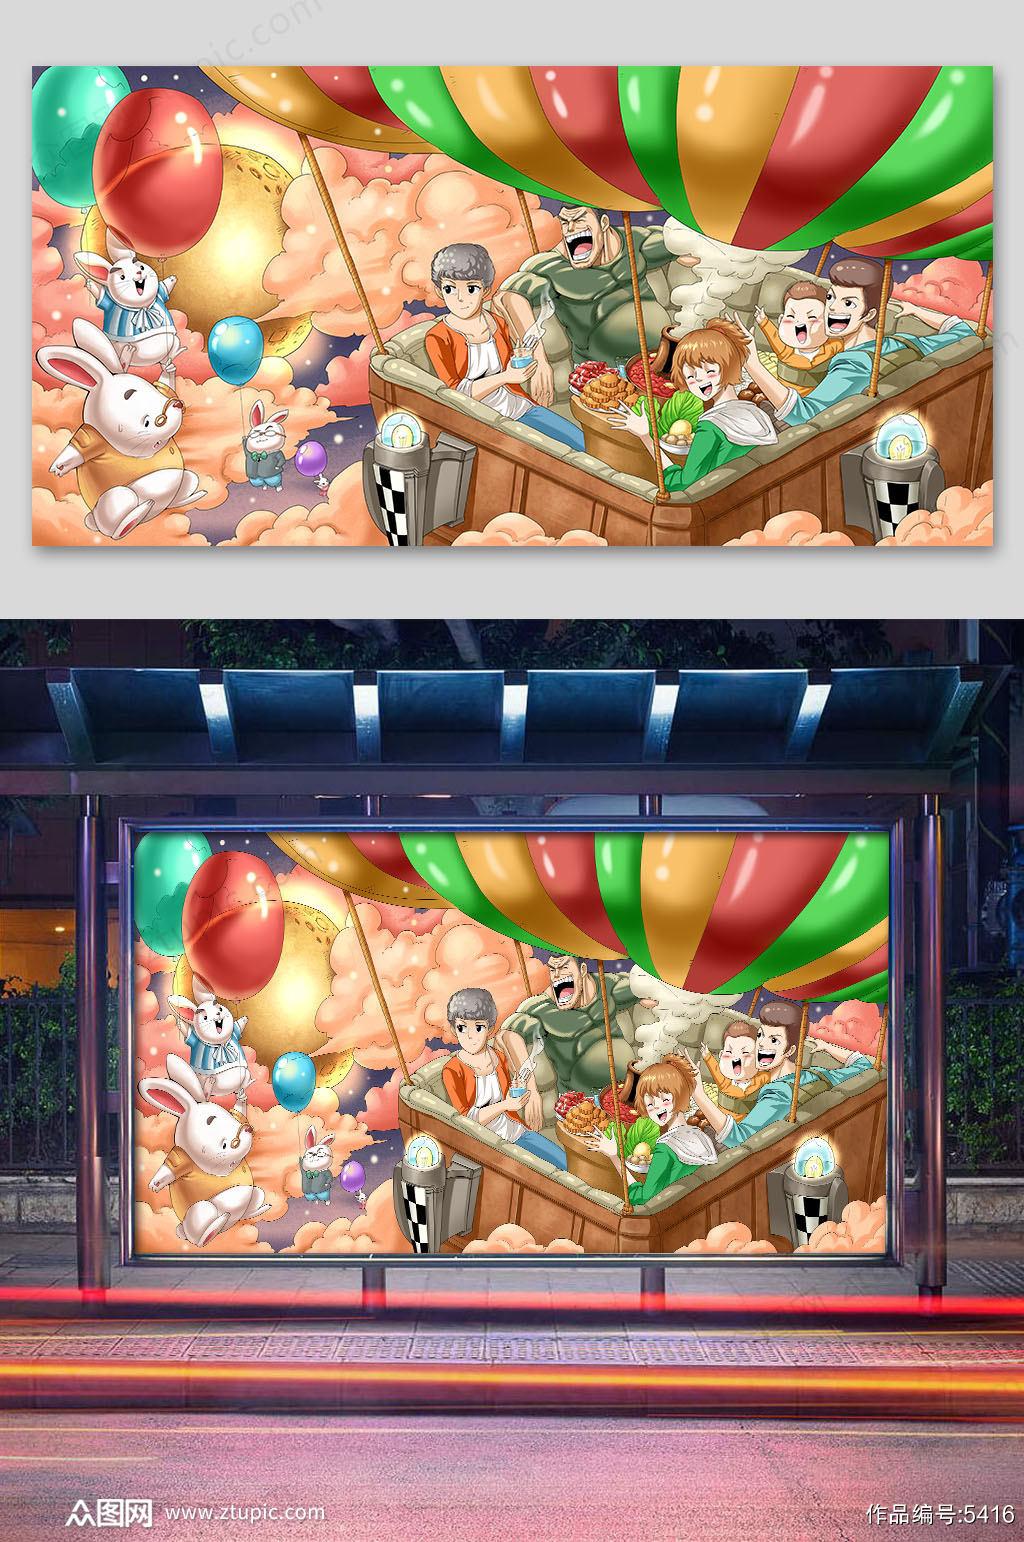 中秋节插画卡通海报素材